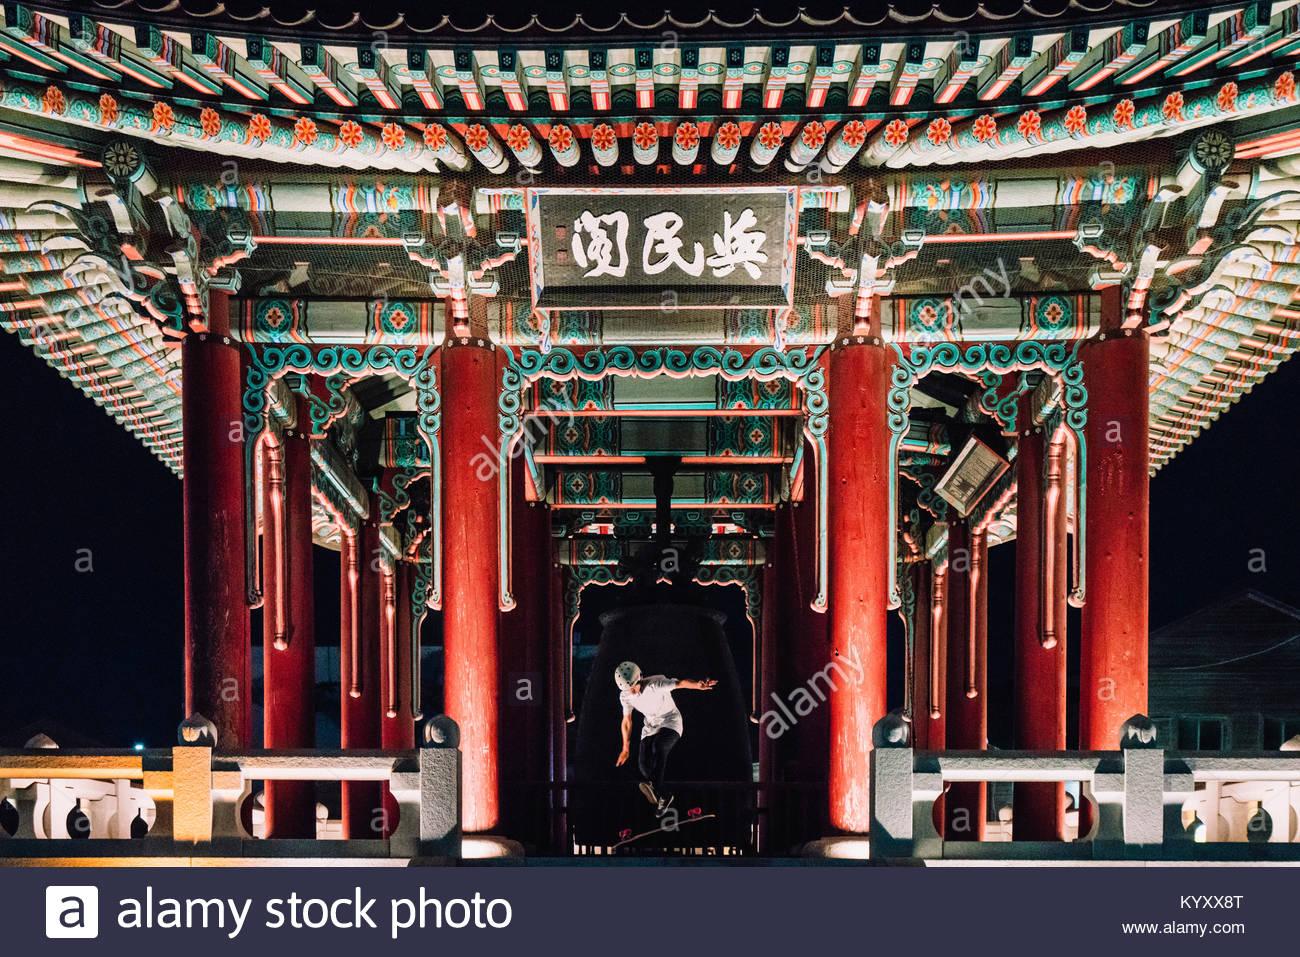 L'uomo saltando su skateboard nel padiglione alla Fortezza di Hwaseong Immagini Stock